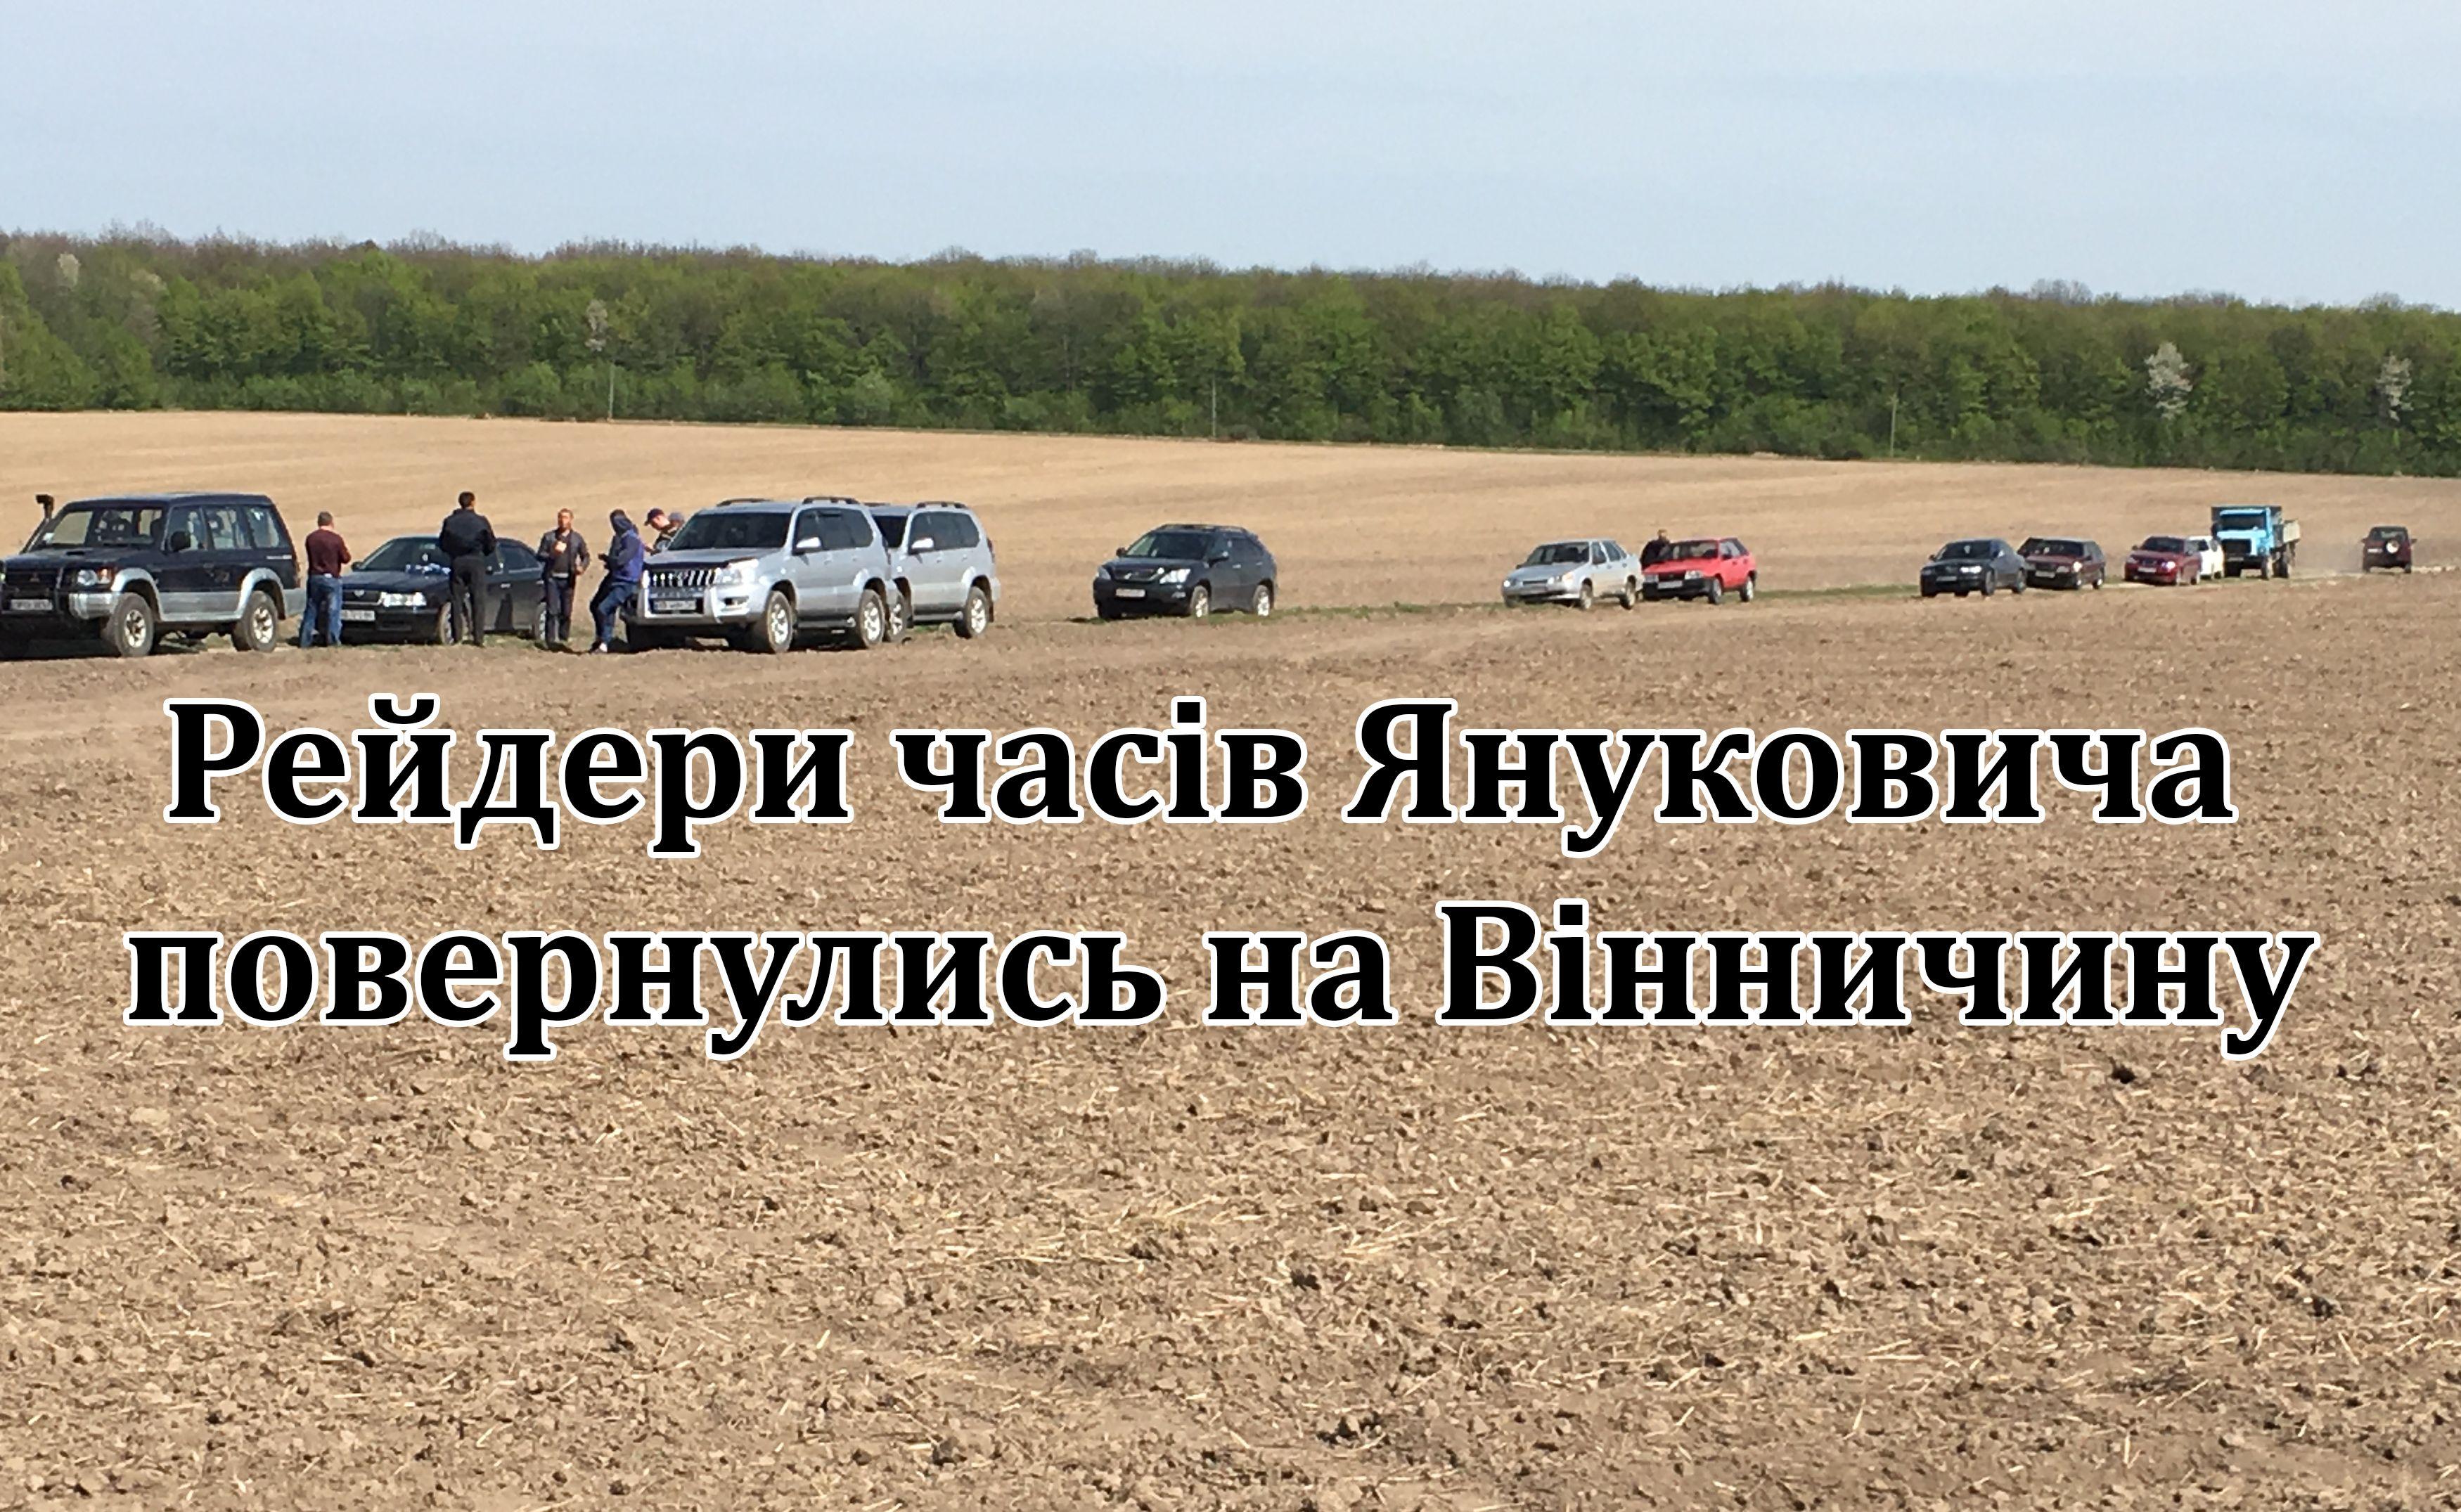 Ми прийшли від «партії регіонів» віджати вашу землю. Рейдери Молошний, Горох та Панченко орудують на Вінничині.